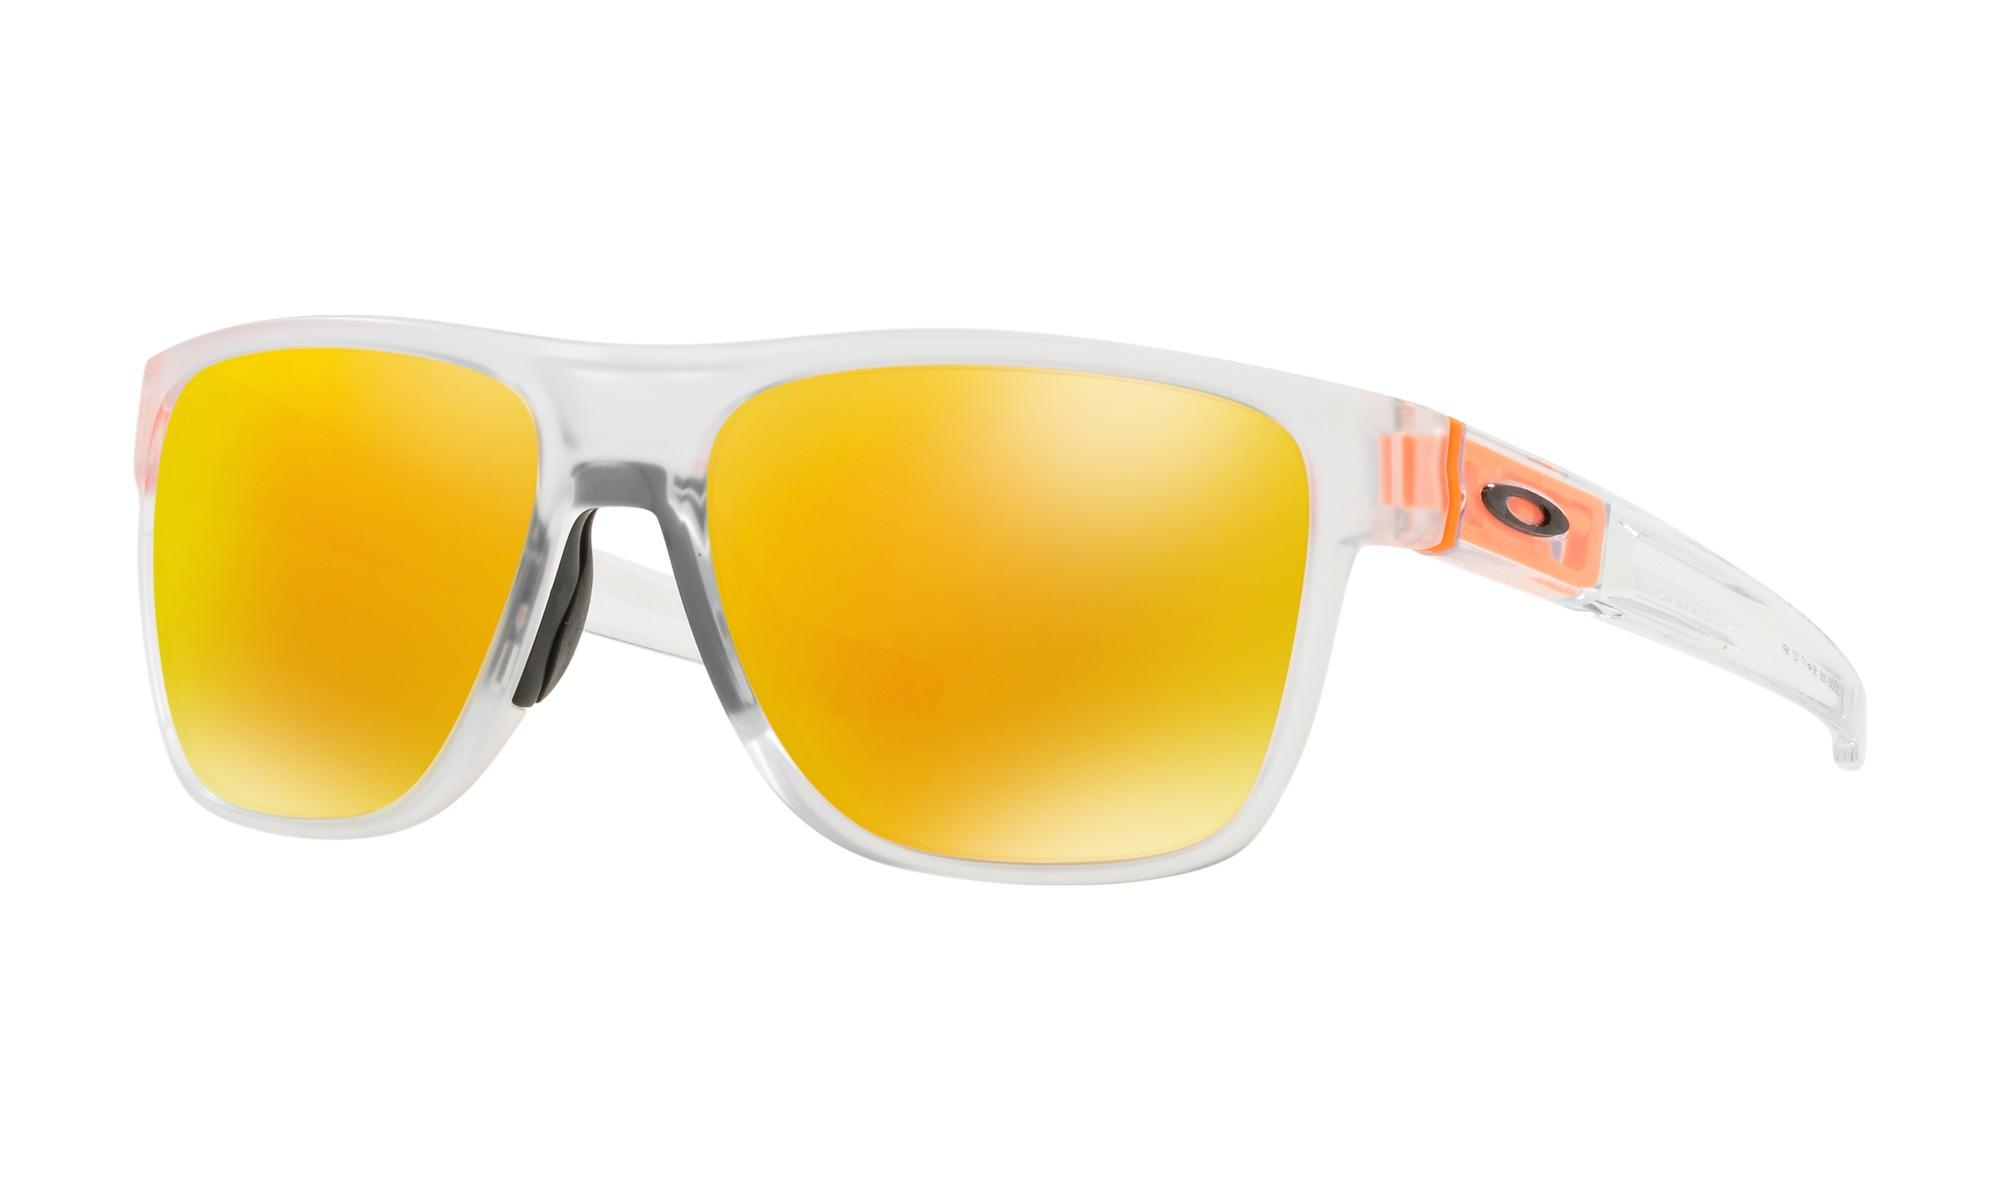 2cccfcf662 Oakley CROSSRANGE XL OO9360 Progressive Prescription Sunglasses